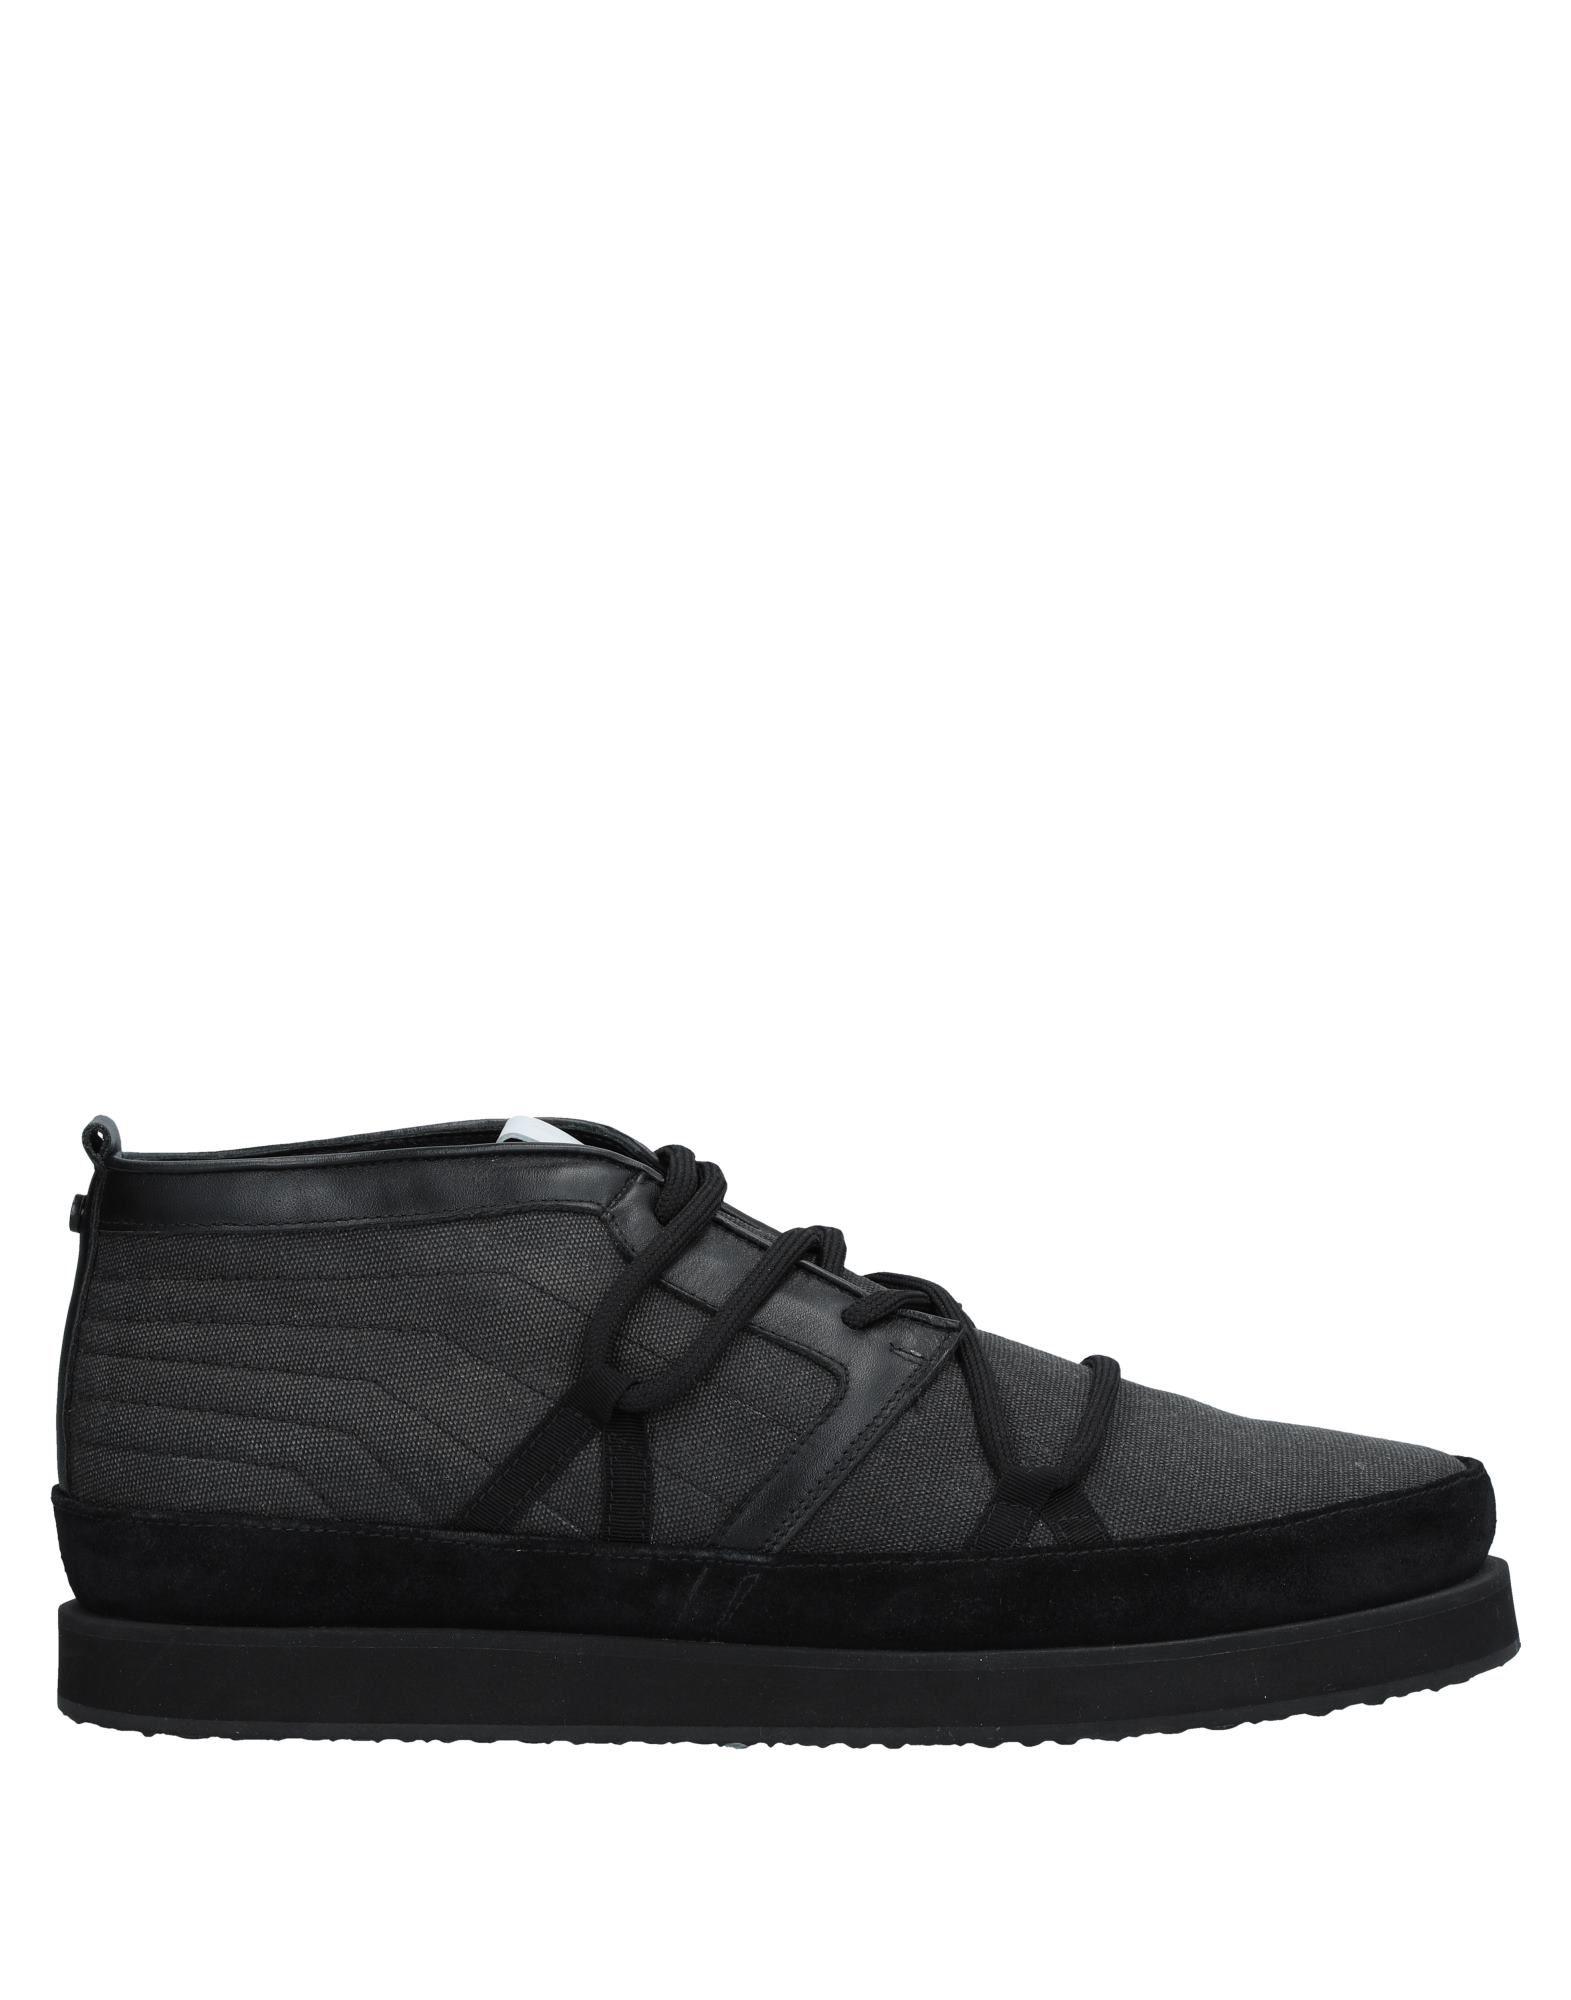 Volta Stiefelette Herren  11528733SU Gute Qualität beliebte Schuhe